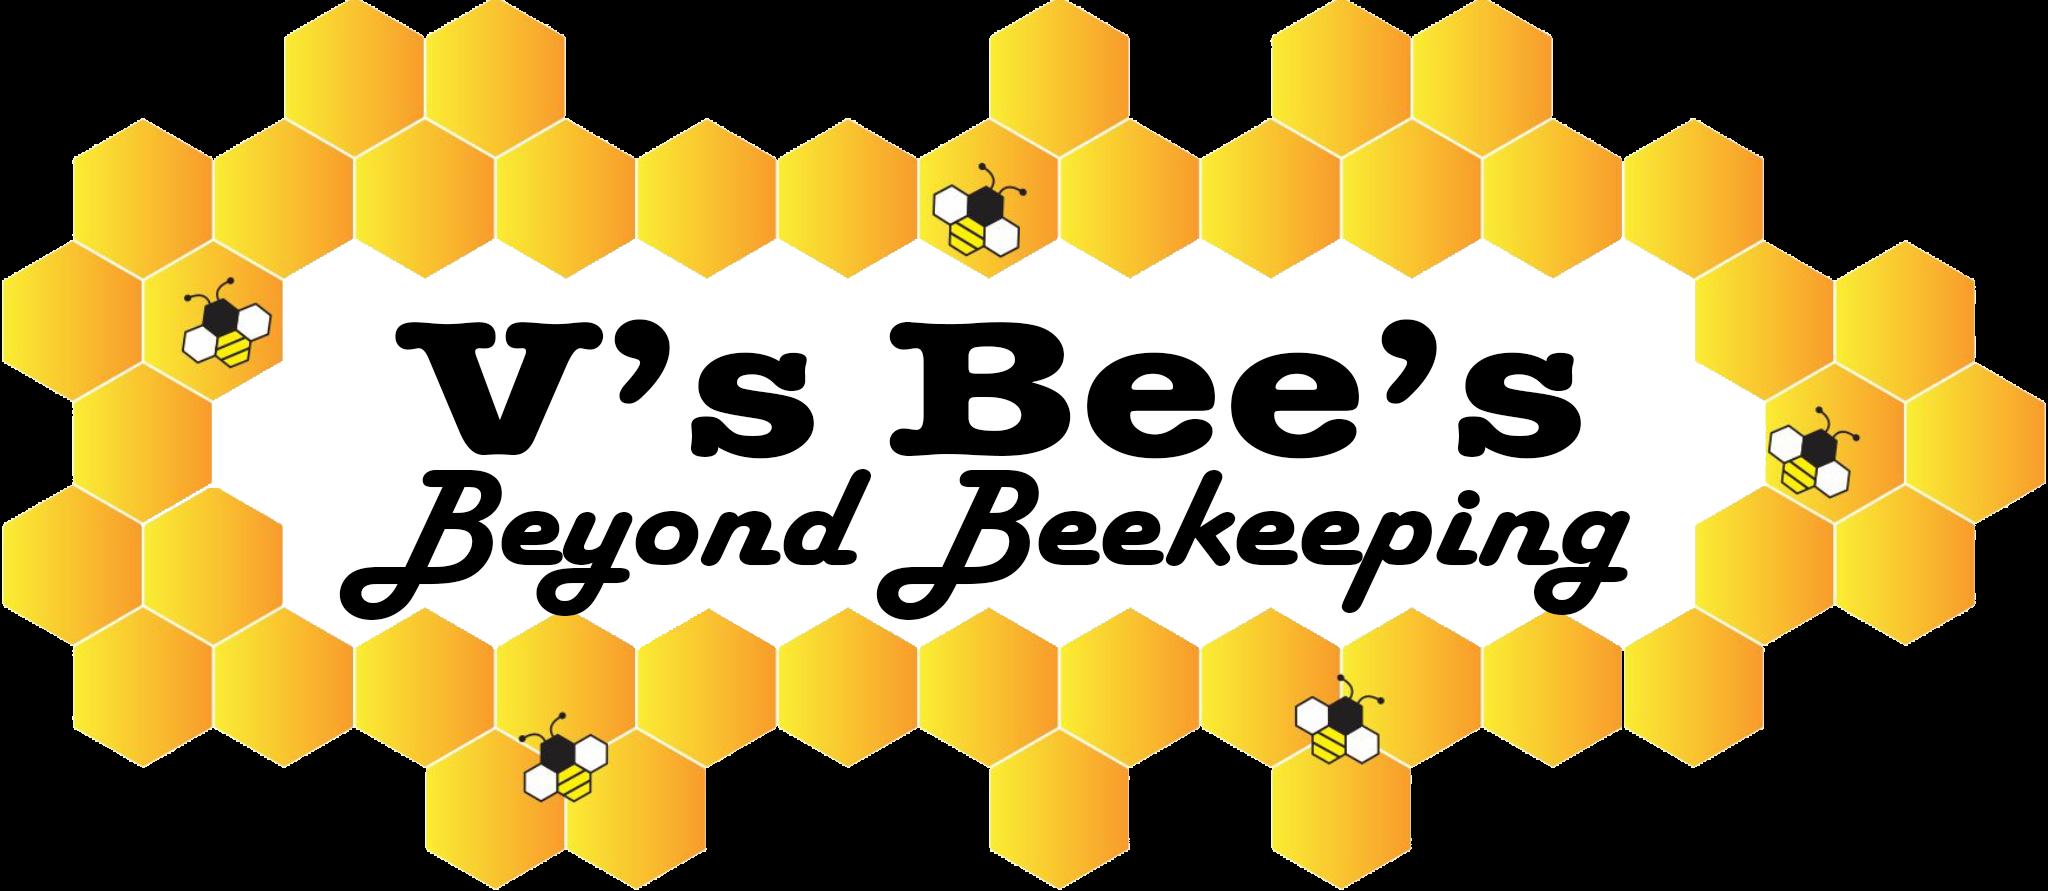 V's Bee's